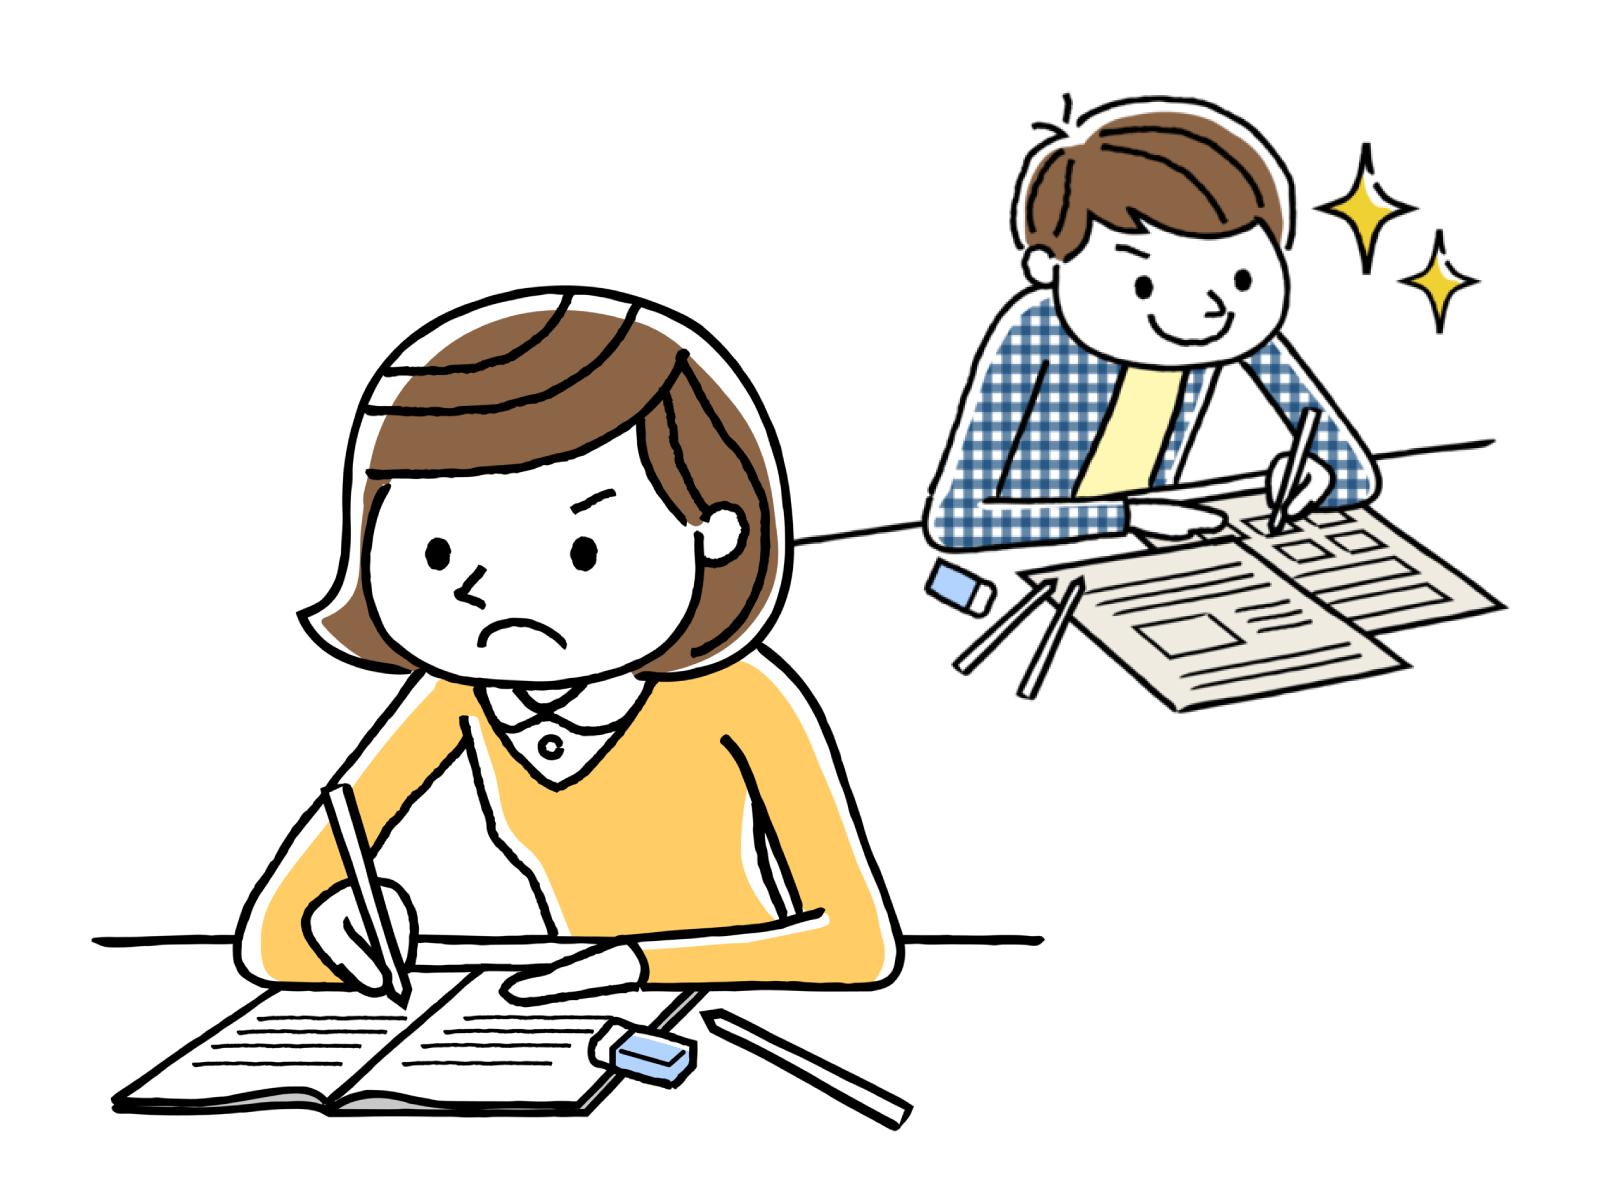 履歴書の、全体的な注意点のイメージイラスト